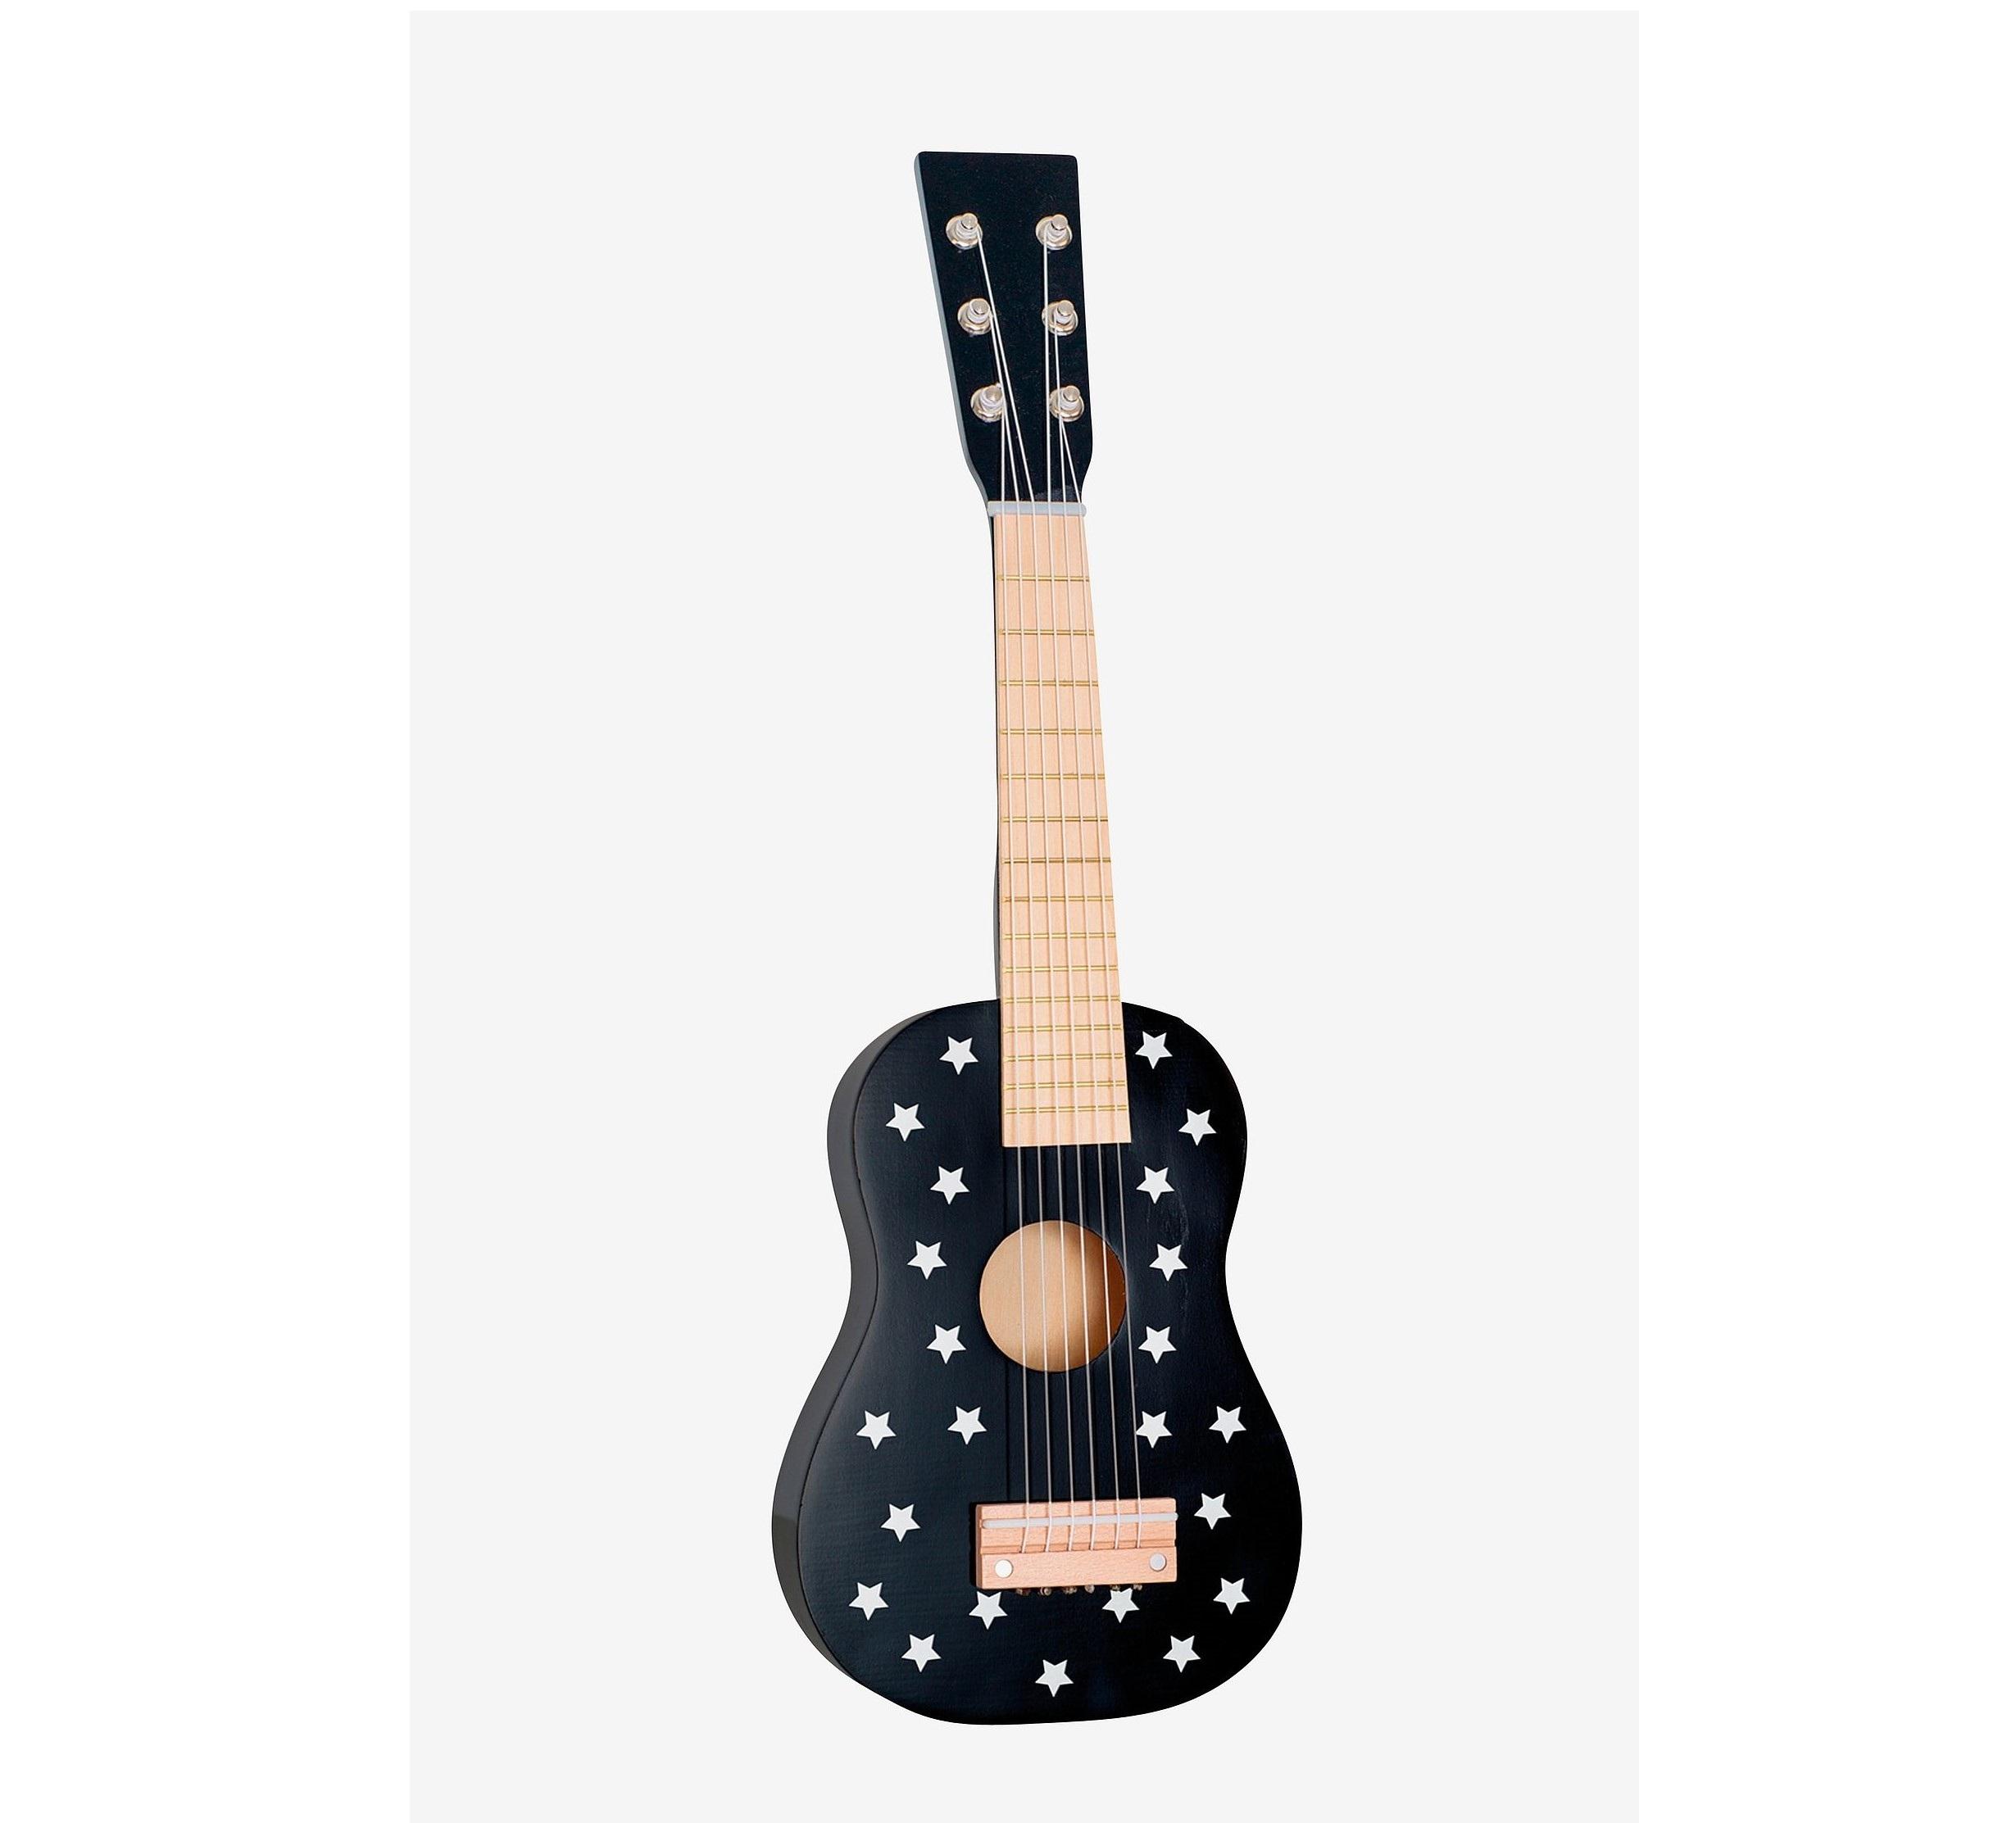 jabadabado-gitarr-barn-